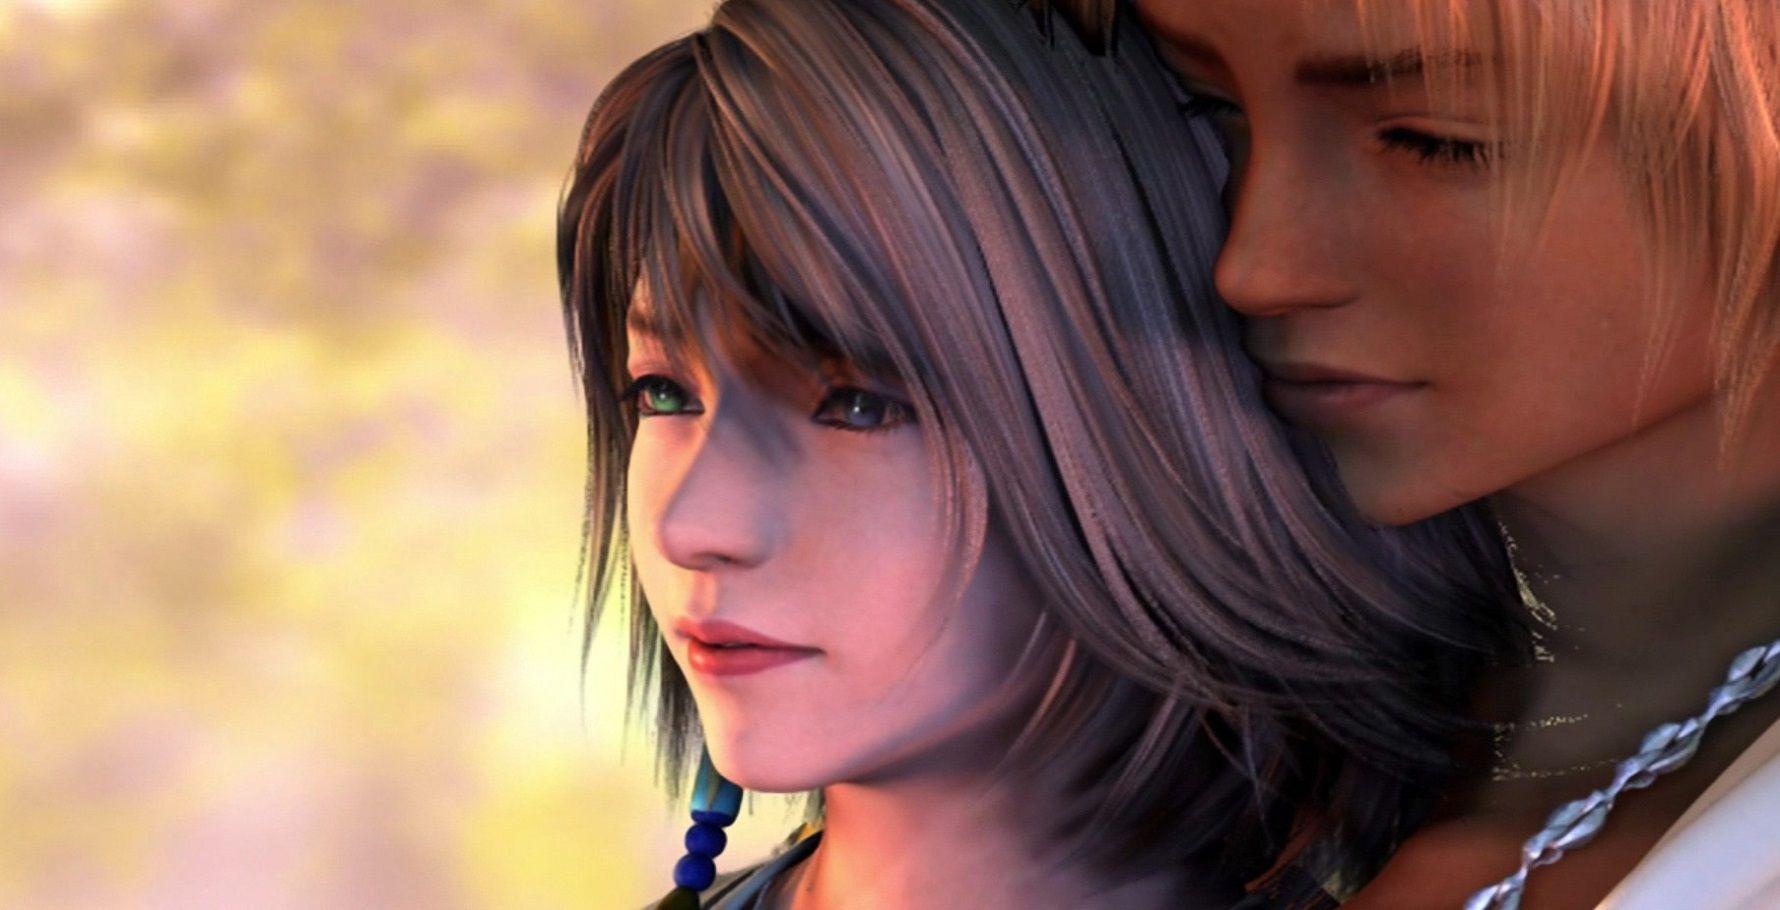 6 Momen Tersedih dalam Game RPG Final Fantasy yang Bisa Menumpahkan Air Mata 10